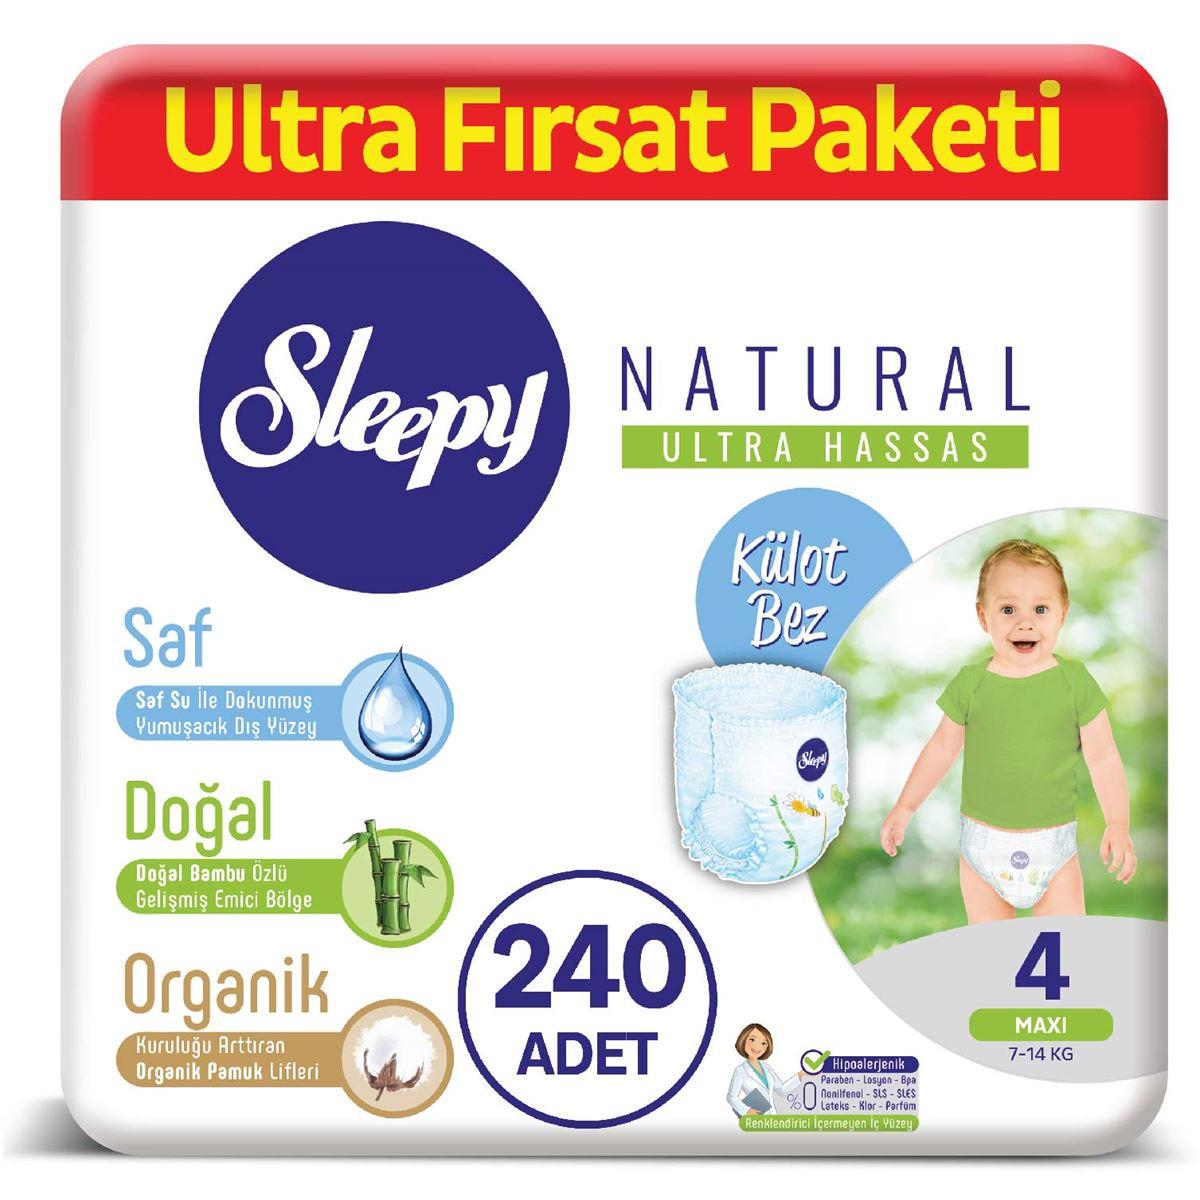 Sleepy Natural KÜLOT Bez 4 Numara Maxi Ultra Fırsat Paketi 240 Adet